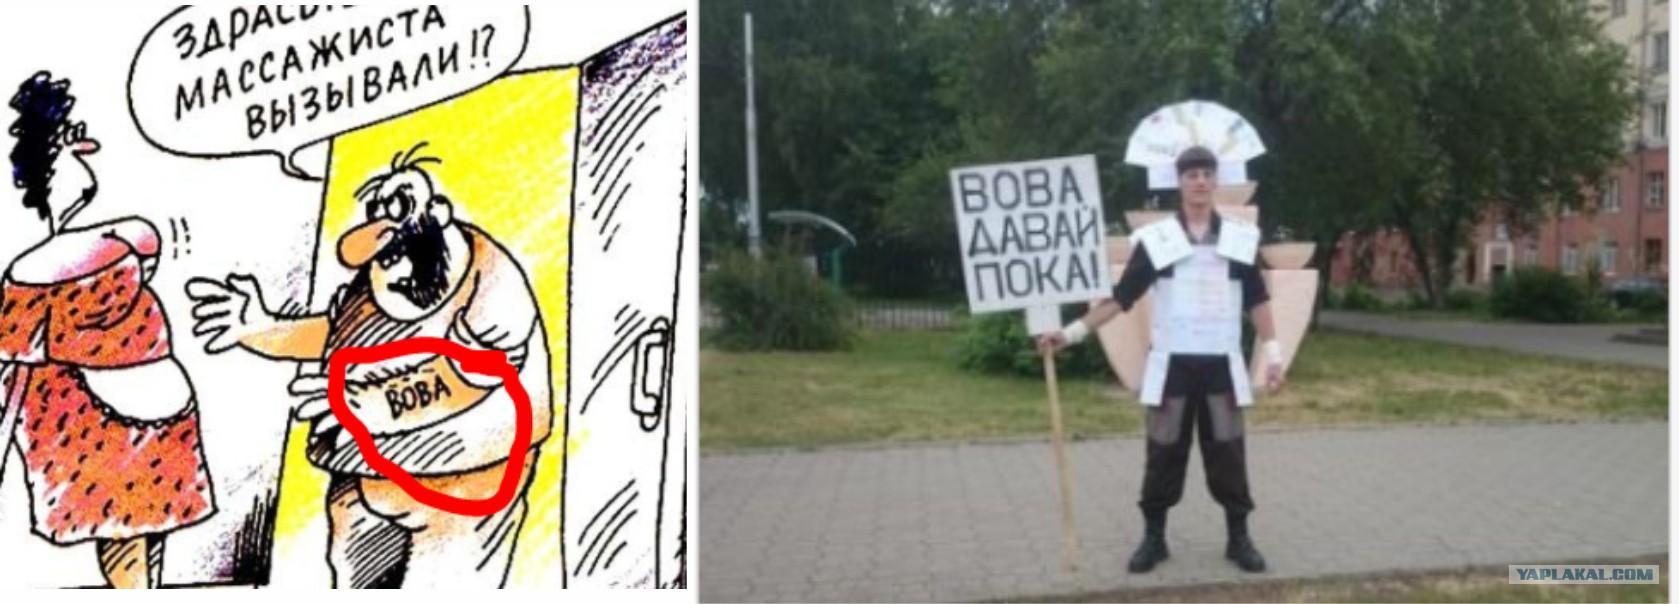 Фотографии где найти парней по вызову украина